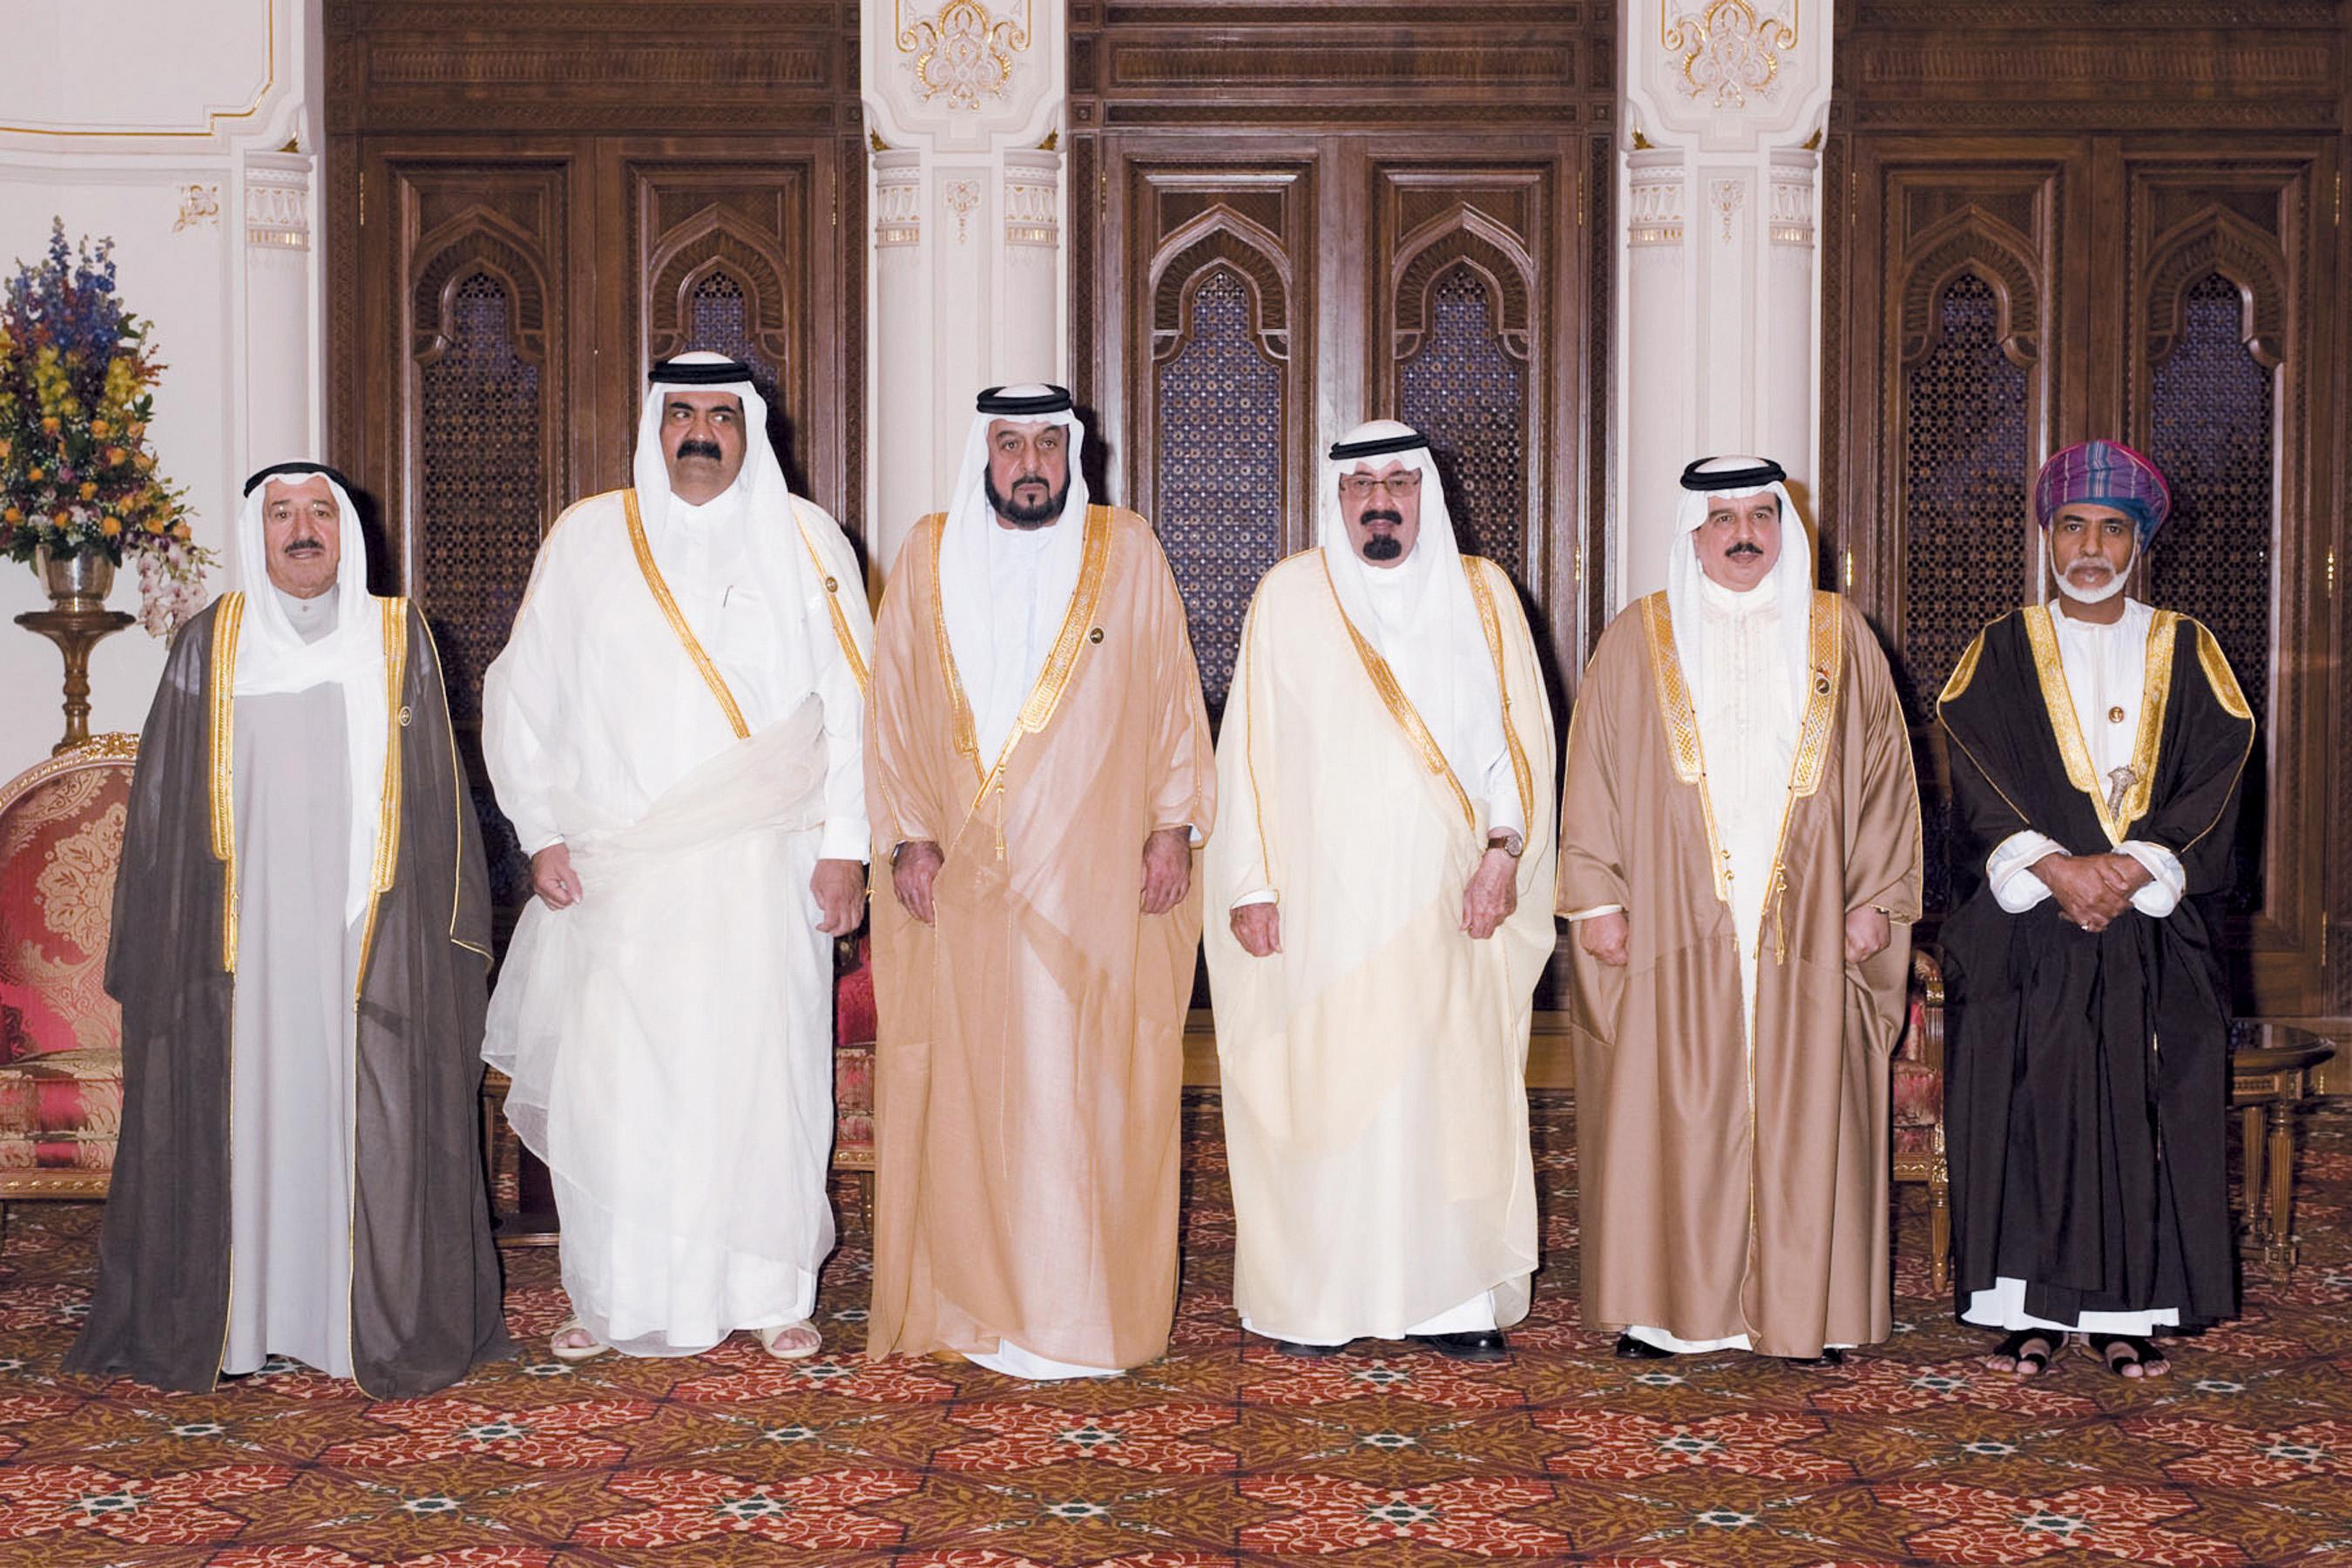 شب گذشته اعلام شد که سلطان قابوس بن سعید آل سعید، پادشاه عمان، در سن 79 سالگی و احتمالاً در اثر ابتلا به سرطان روده بزرگ درگذشته است.